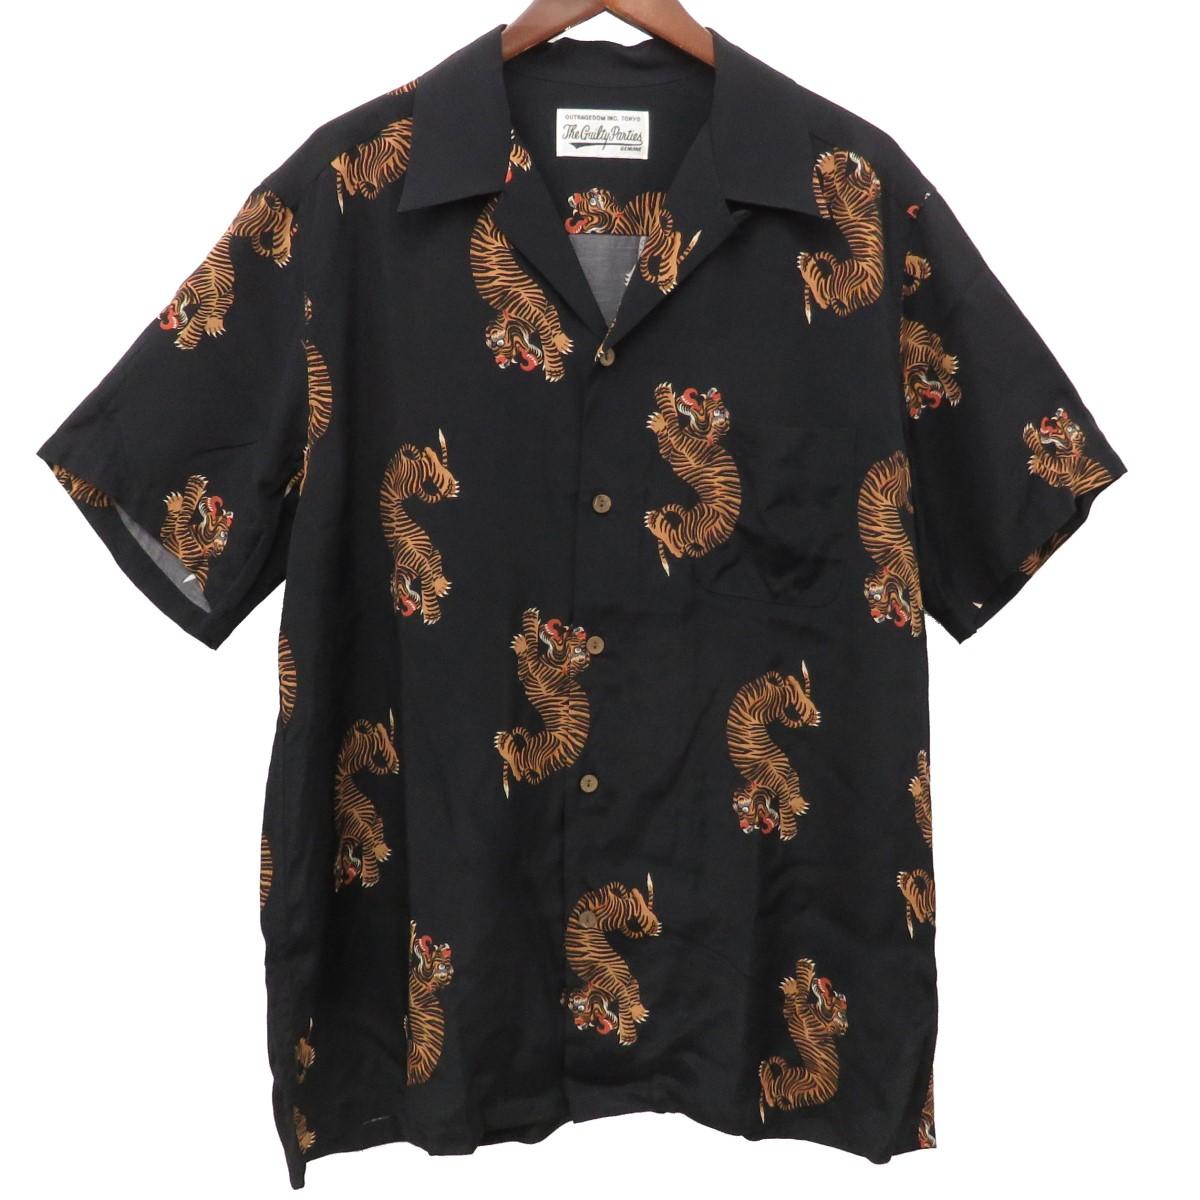 【中古】WACKO MARIA TIGER S/S HAWAIIAN SHIRT タイガー ハワイアンシャツ アロハシャツ ブラック サイズ:XL 【230320】(ワコマリア)